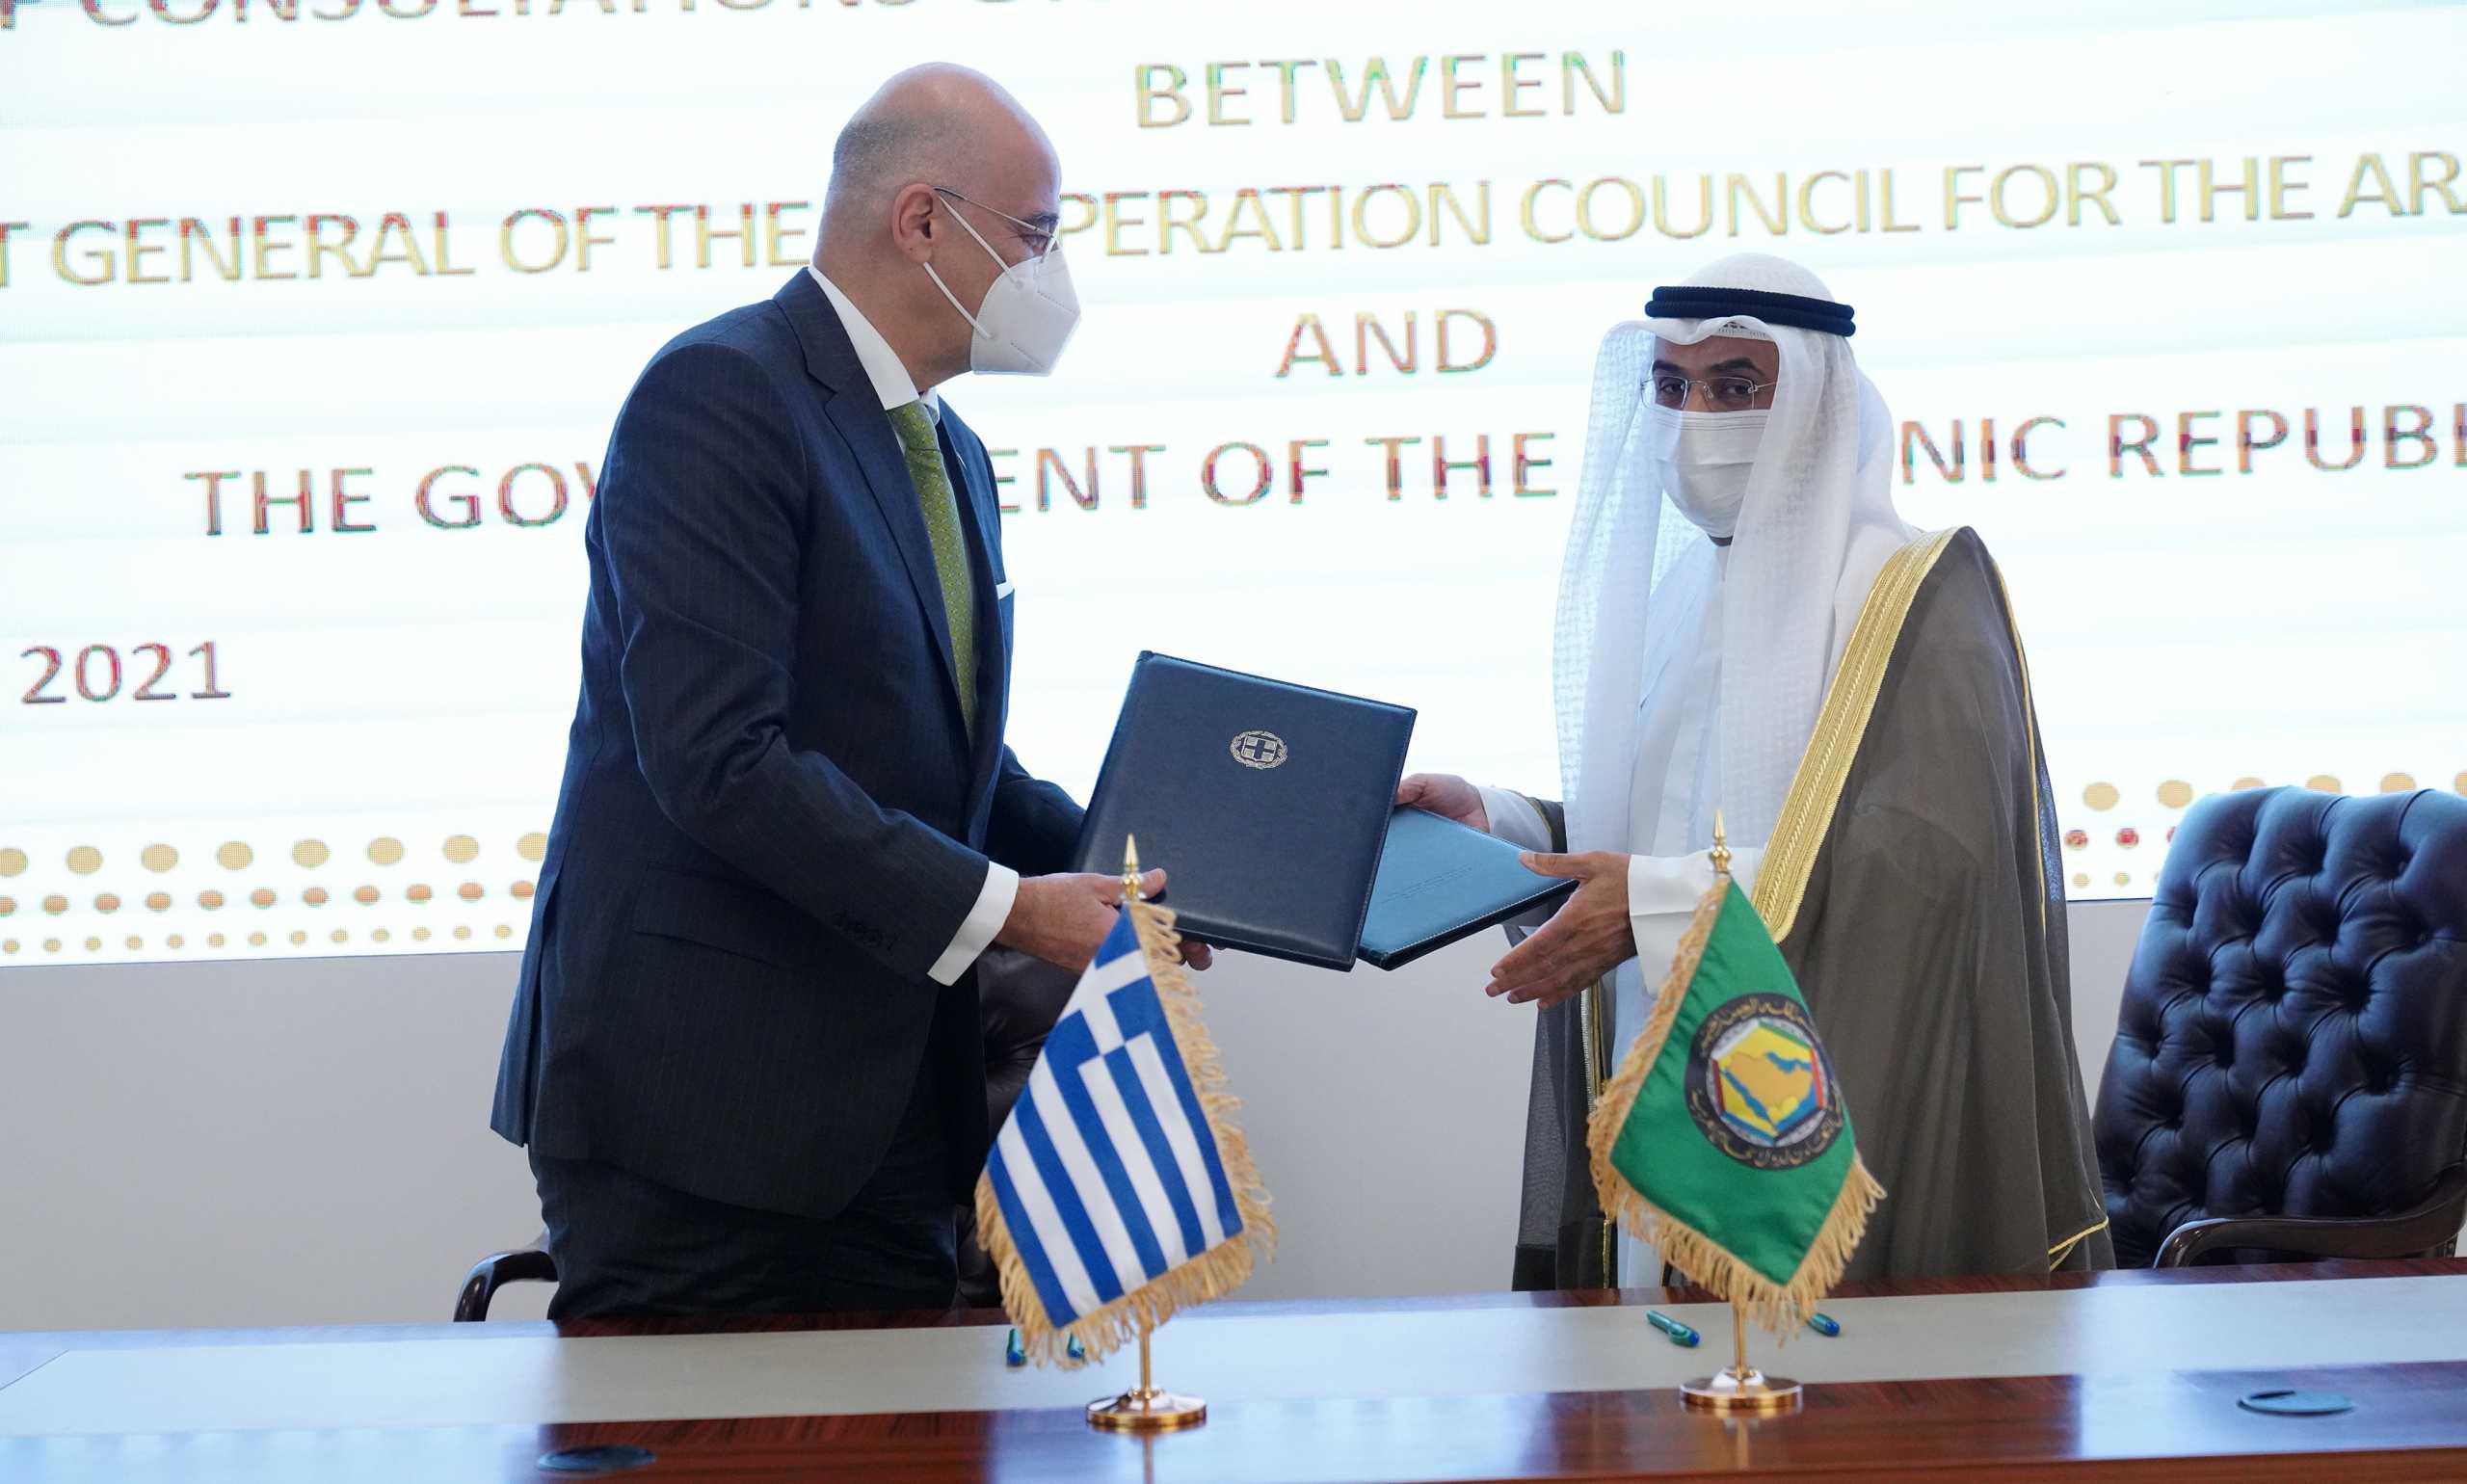 Δένδιας: Ελλάδα και Σαουδική Αραβία αναβαθμίζουν τη διπλωματική και αμυντική συνεργασία τους με στόχο την περιφερειακή σταθερότητα